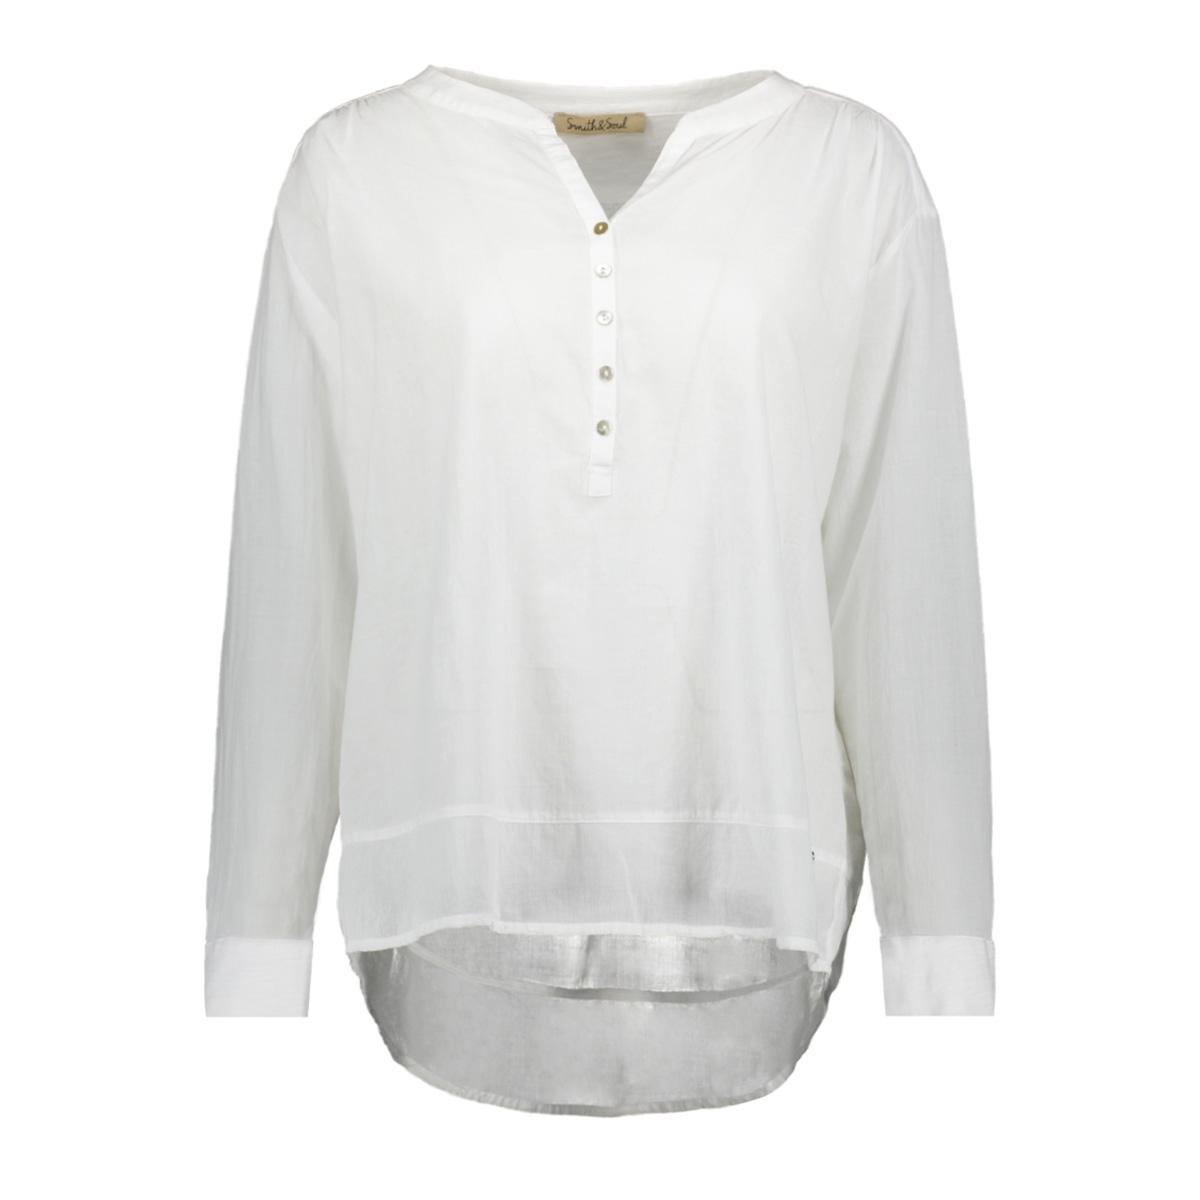 plain blouse 0419 0200 smith & soul blouse white